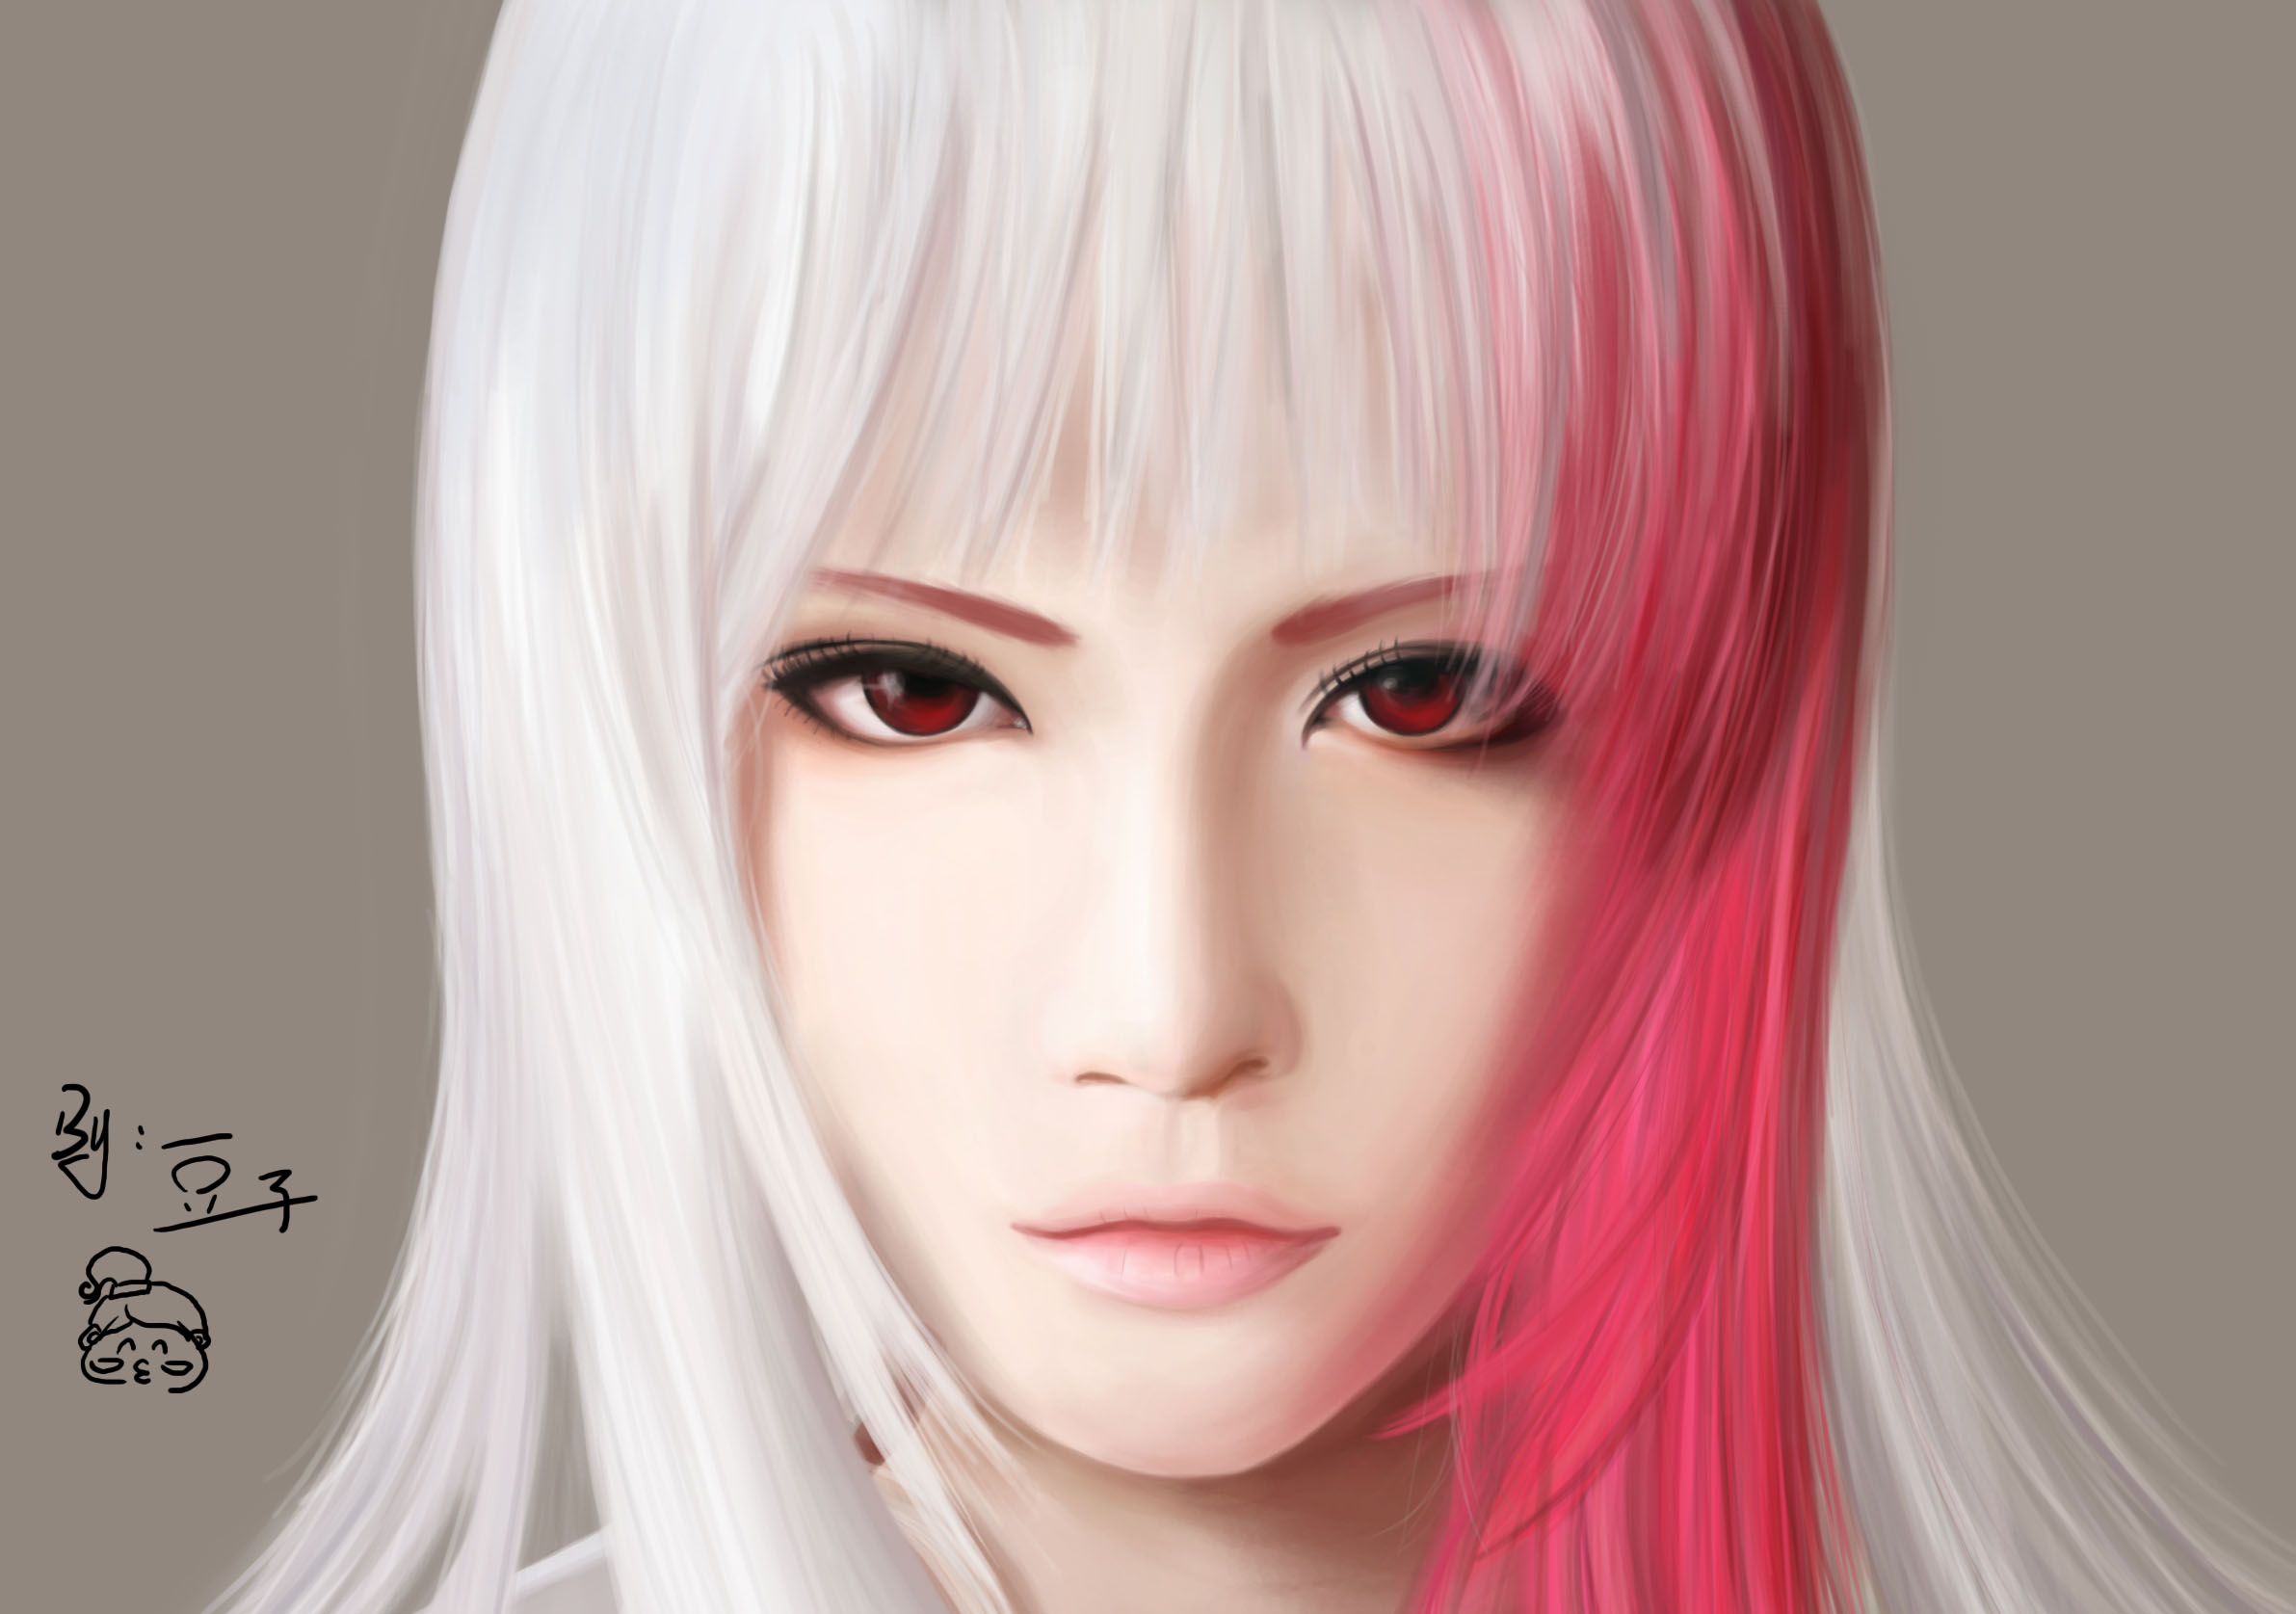 网络爆红的唯美cosplay作品 黄山 小小白 王爷高清图片